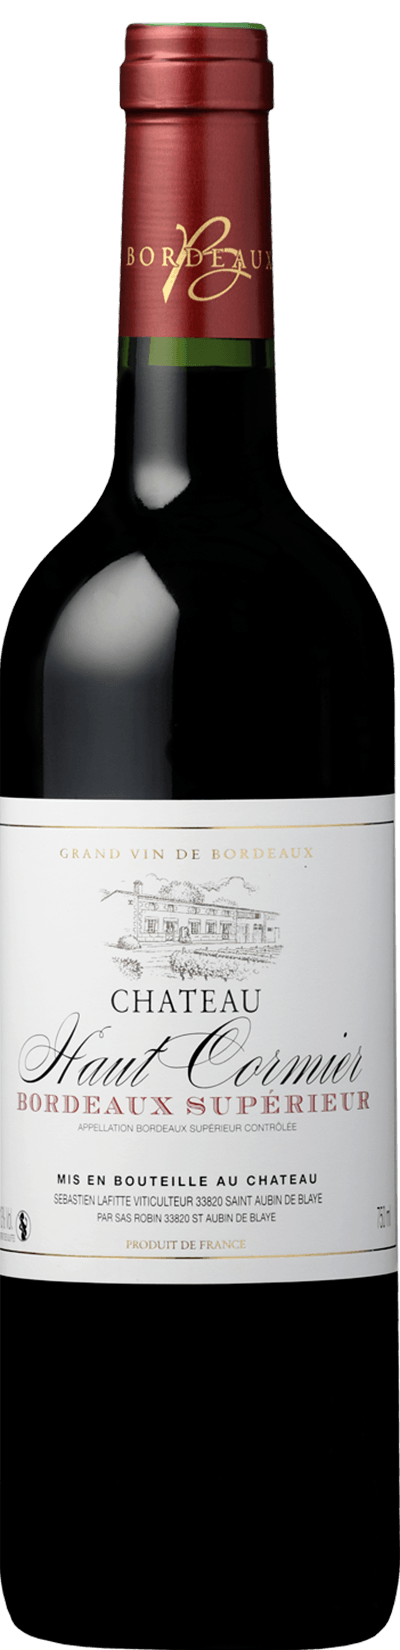 Château Haut Cormier